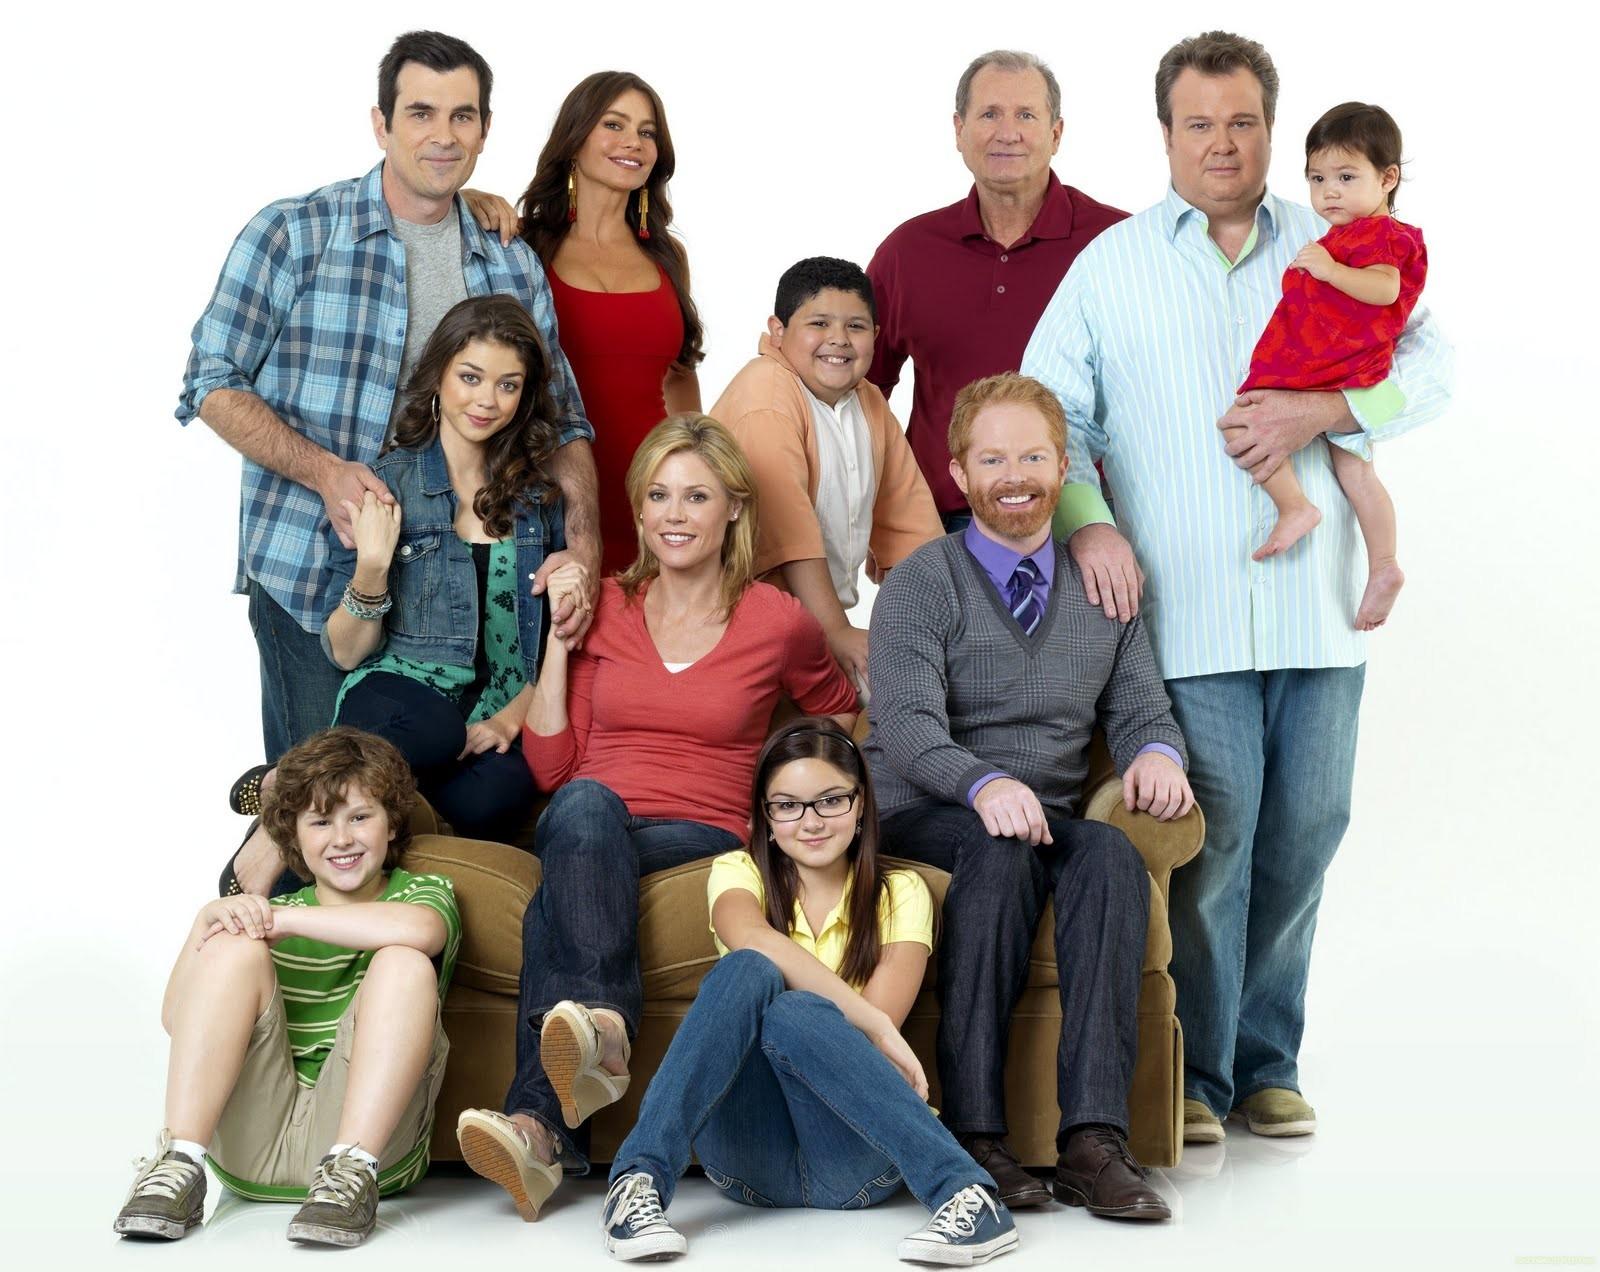 O elenco da série Modern Family (Foto: Divulgação)